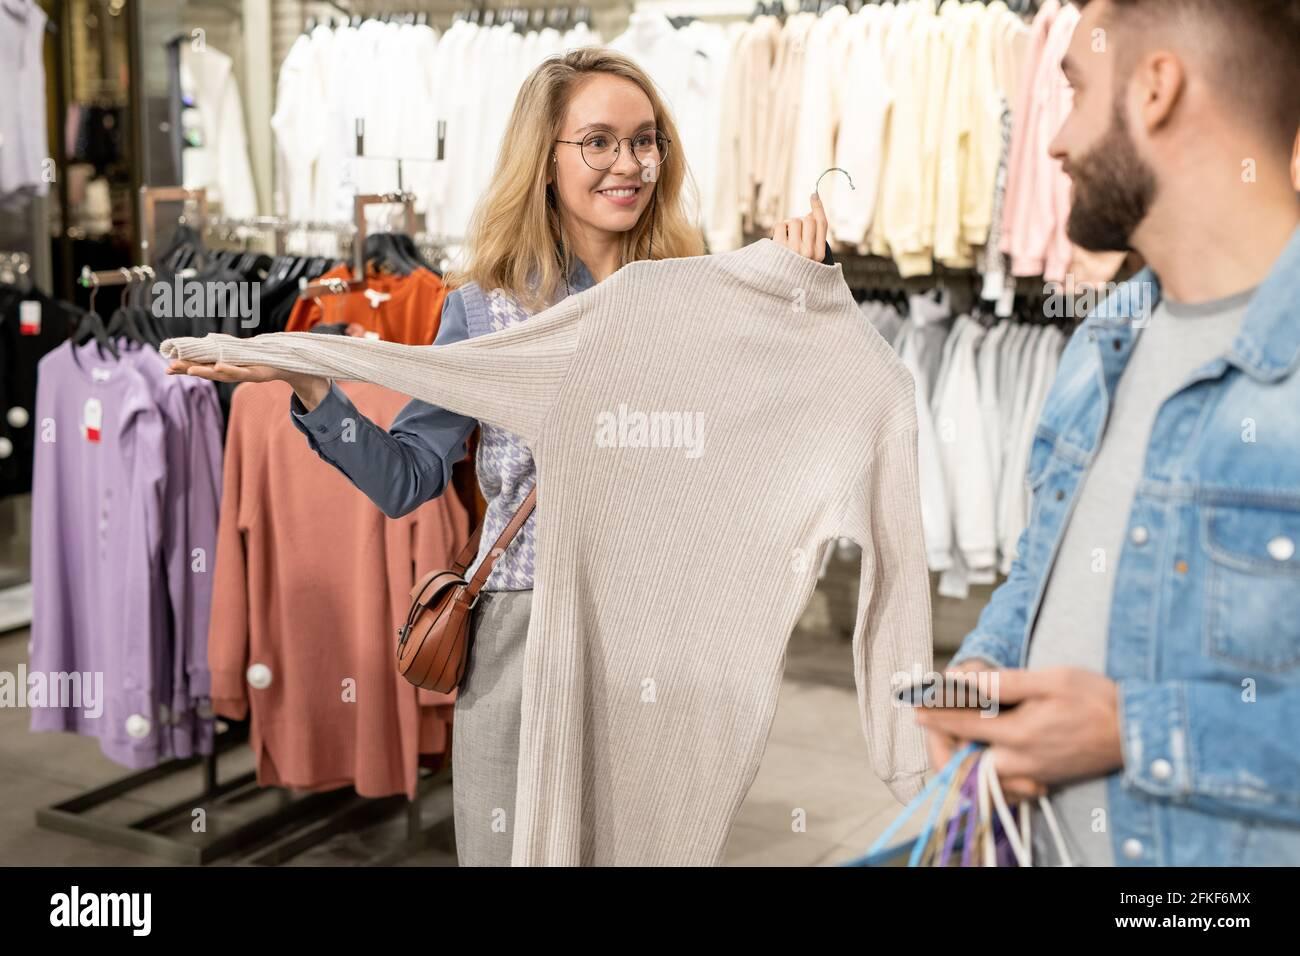 Un homme et une femme choisissant de nouveaux vêtements tout en faisant du shopping Banque D'Images